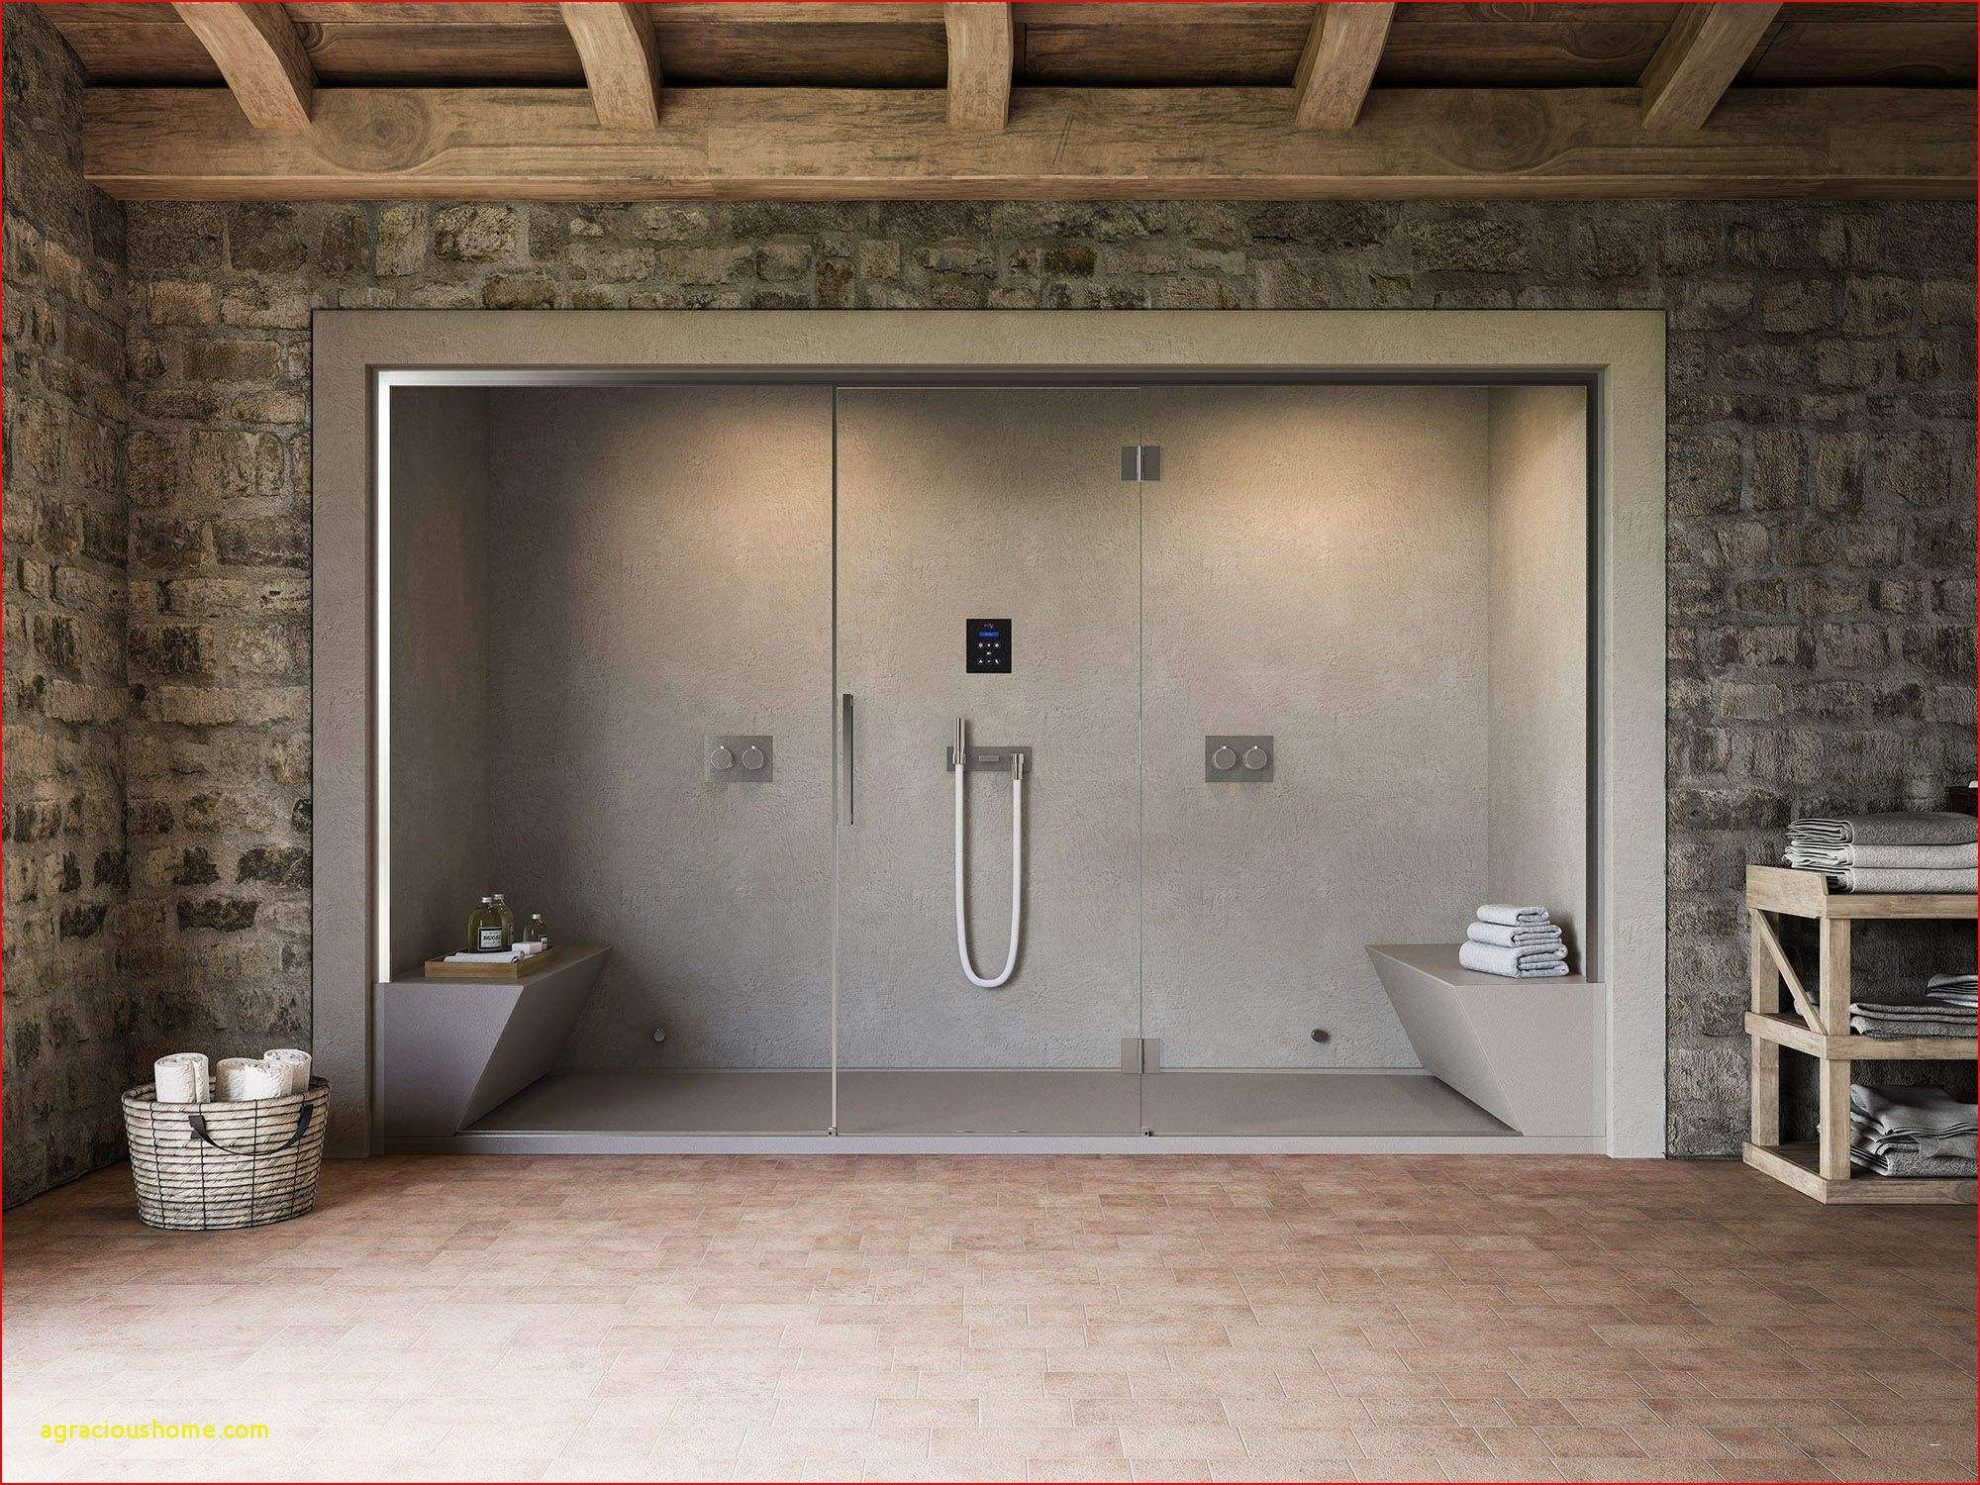 8 Badezimmer Decke Unique Decken Ideen Badezimmer Decken Gestalten Workbench Bathtub Bathroom